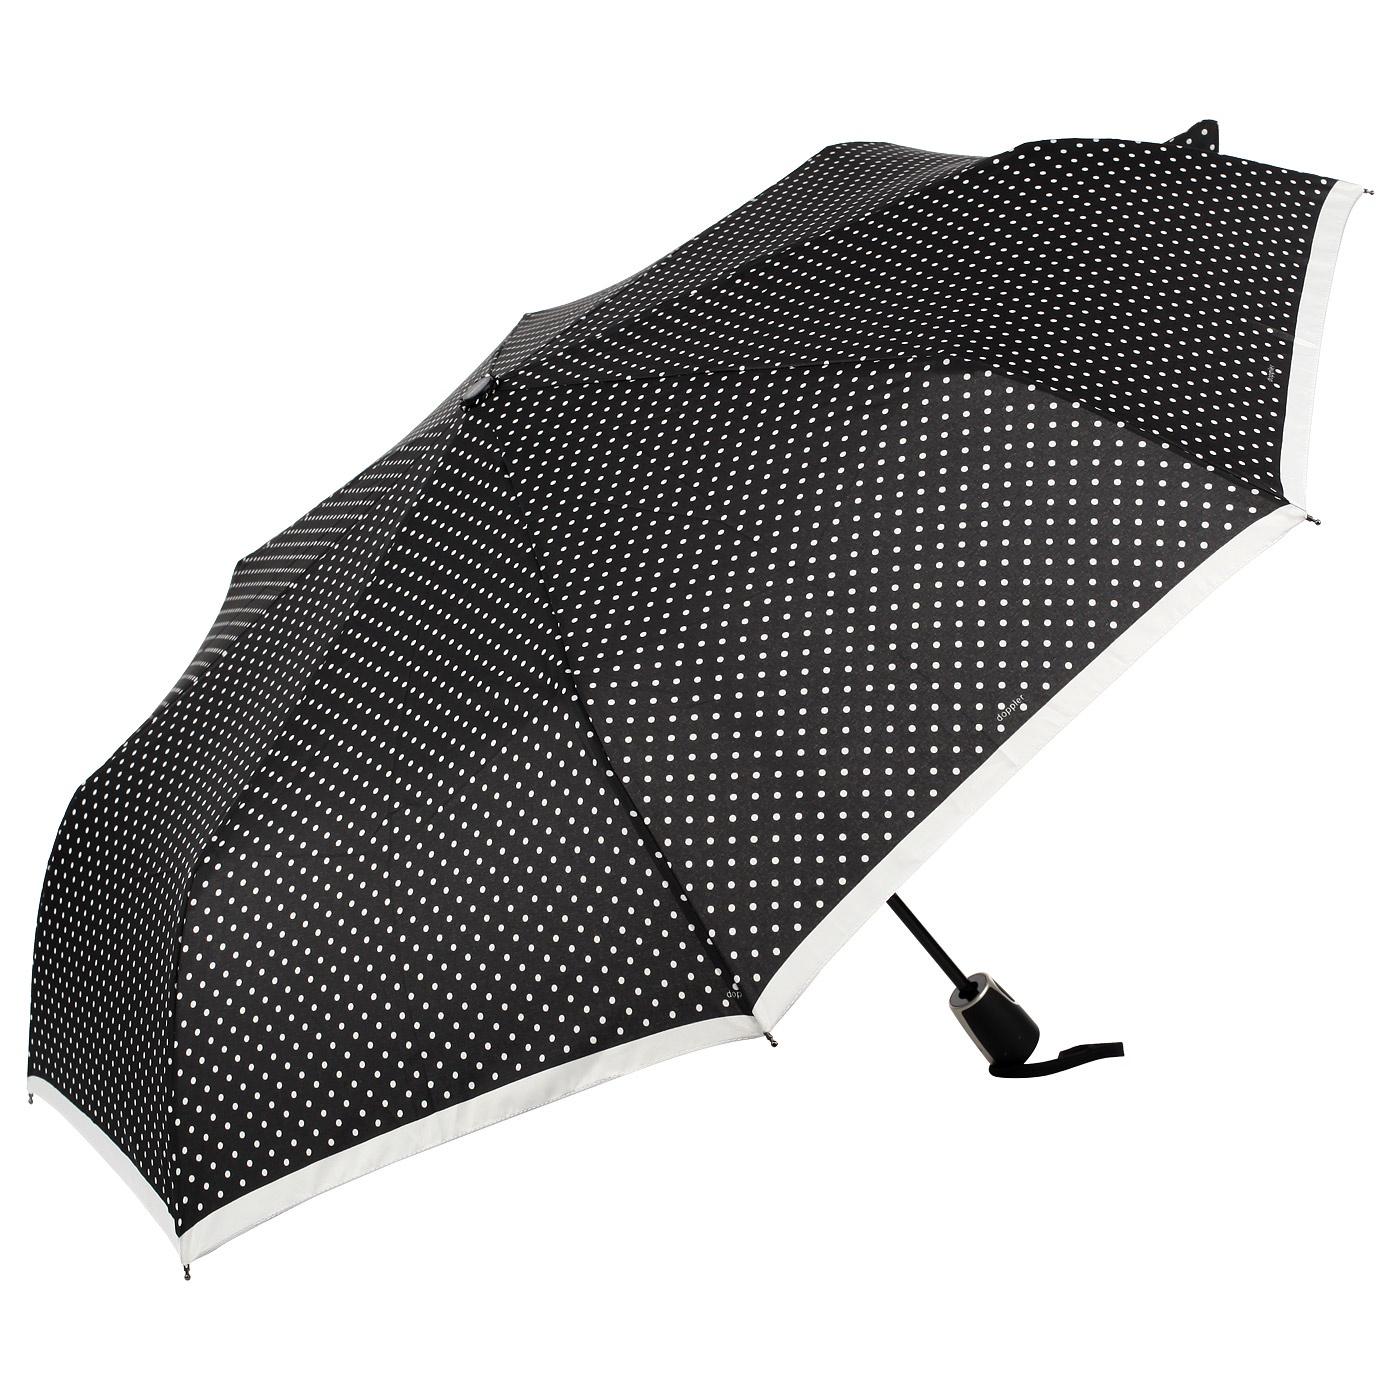 купить Зонт Doppler Graphics, черный по цене 1199 рублей